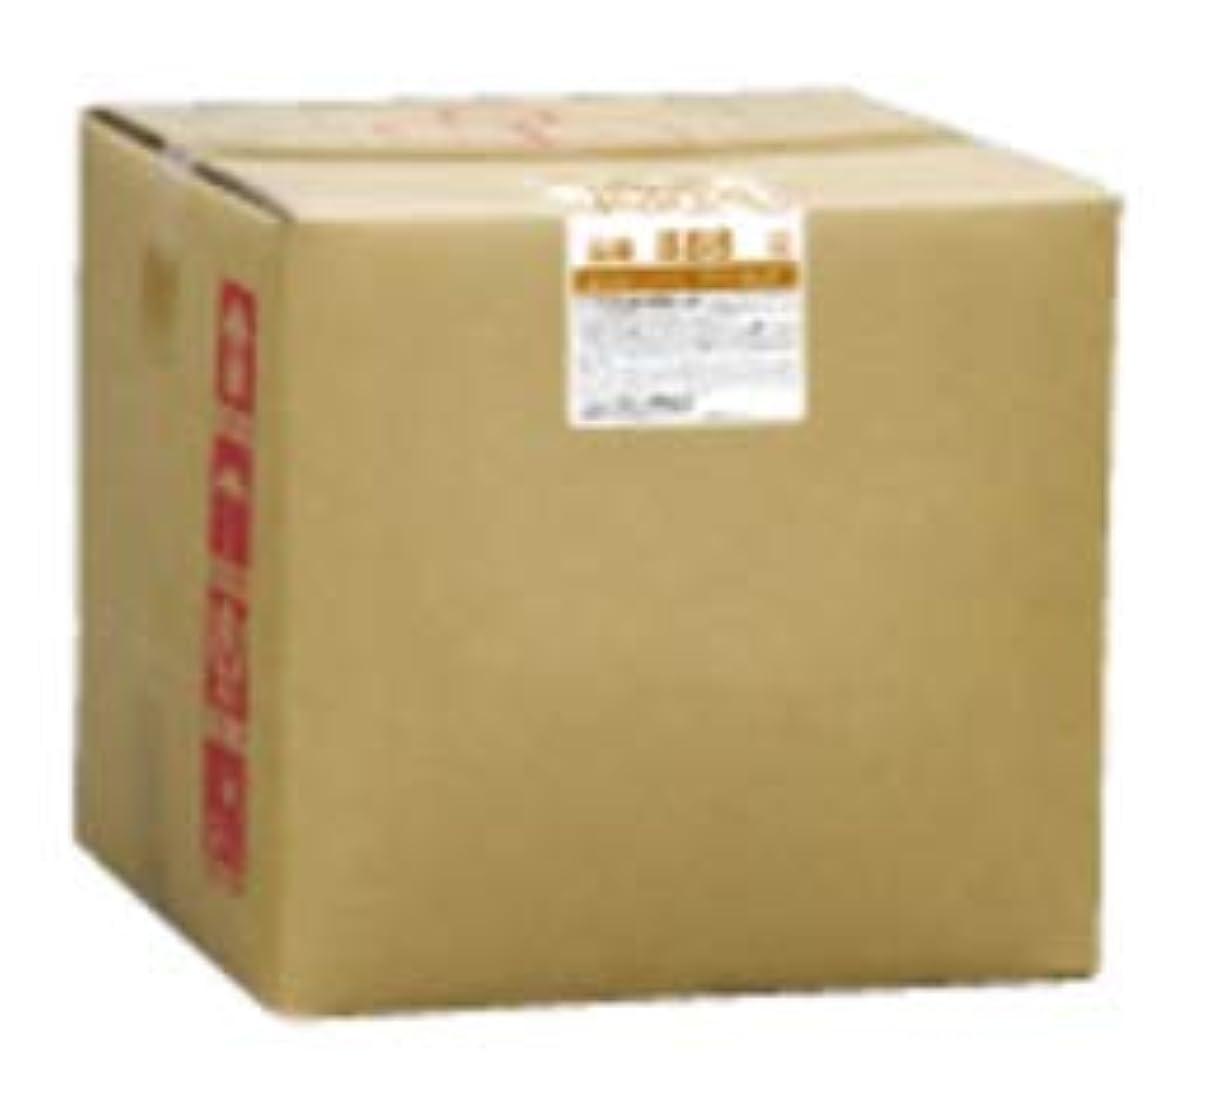 電子聖人娯楽フタバ化学 ラコンサ RakhOansat コンディショナー 18L 詰め替え 480ml専用空容器付